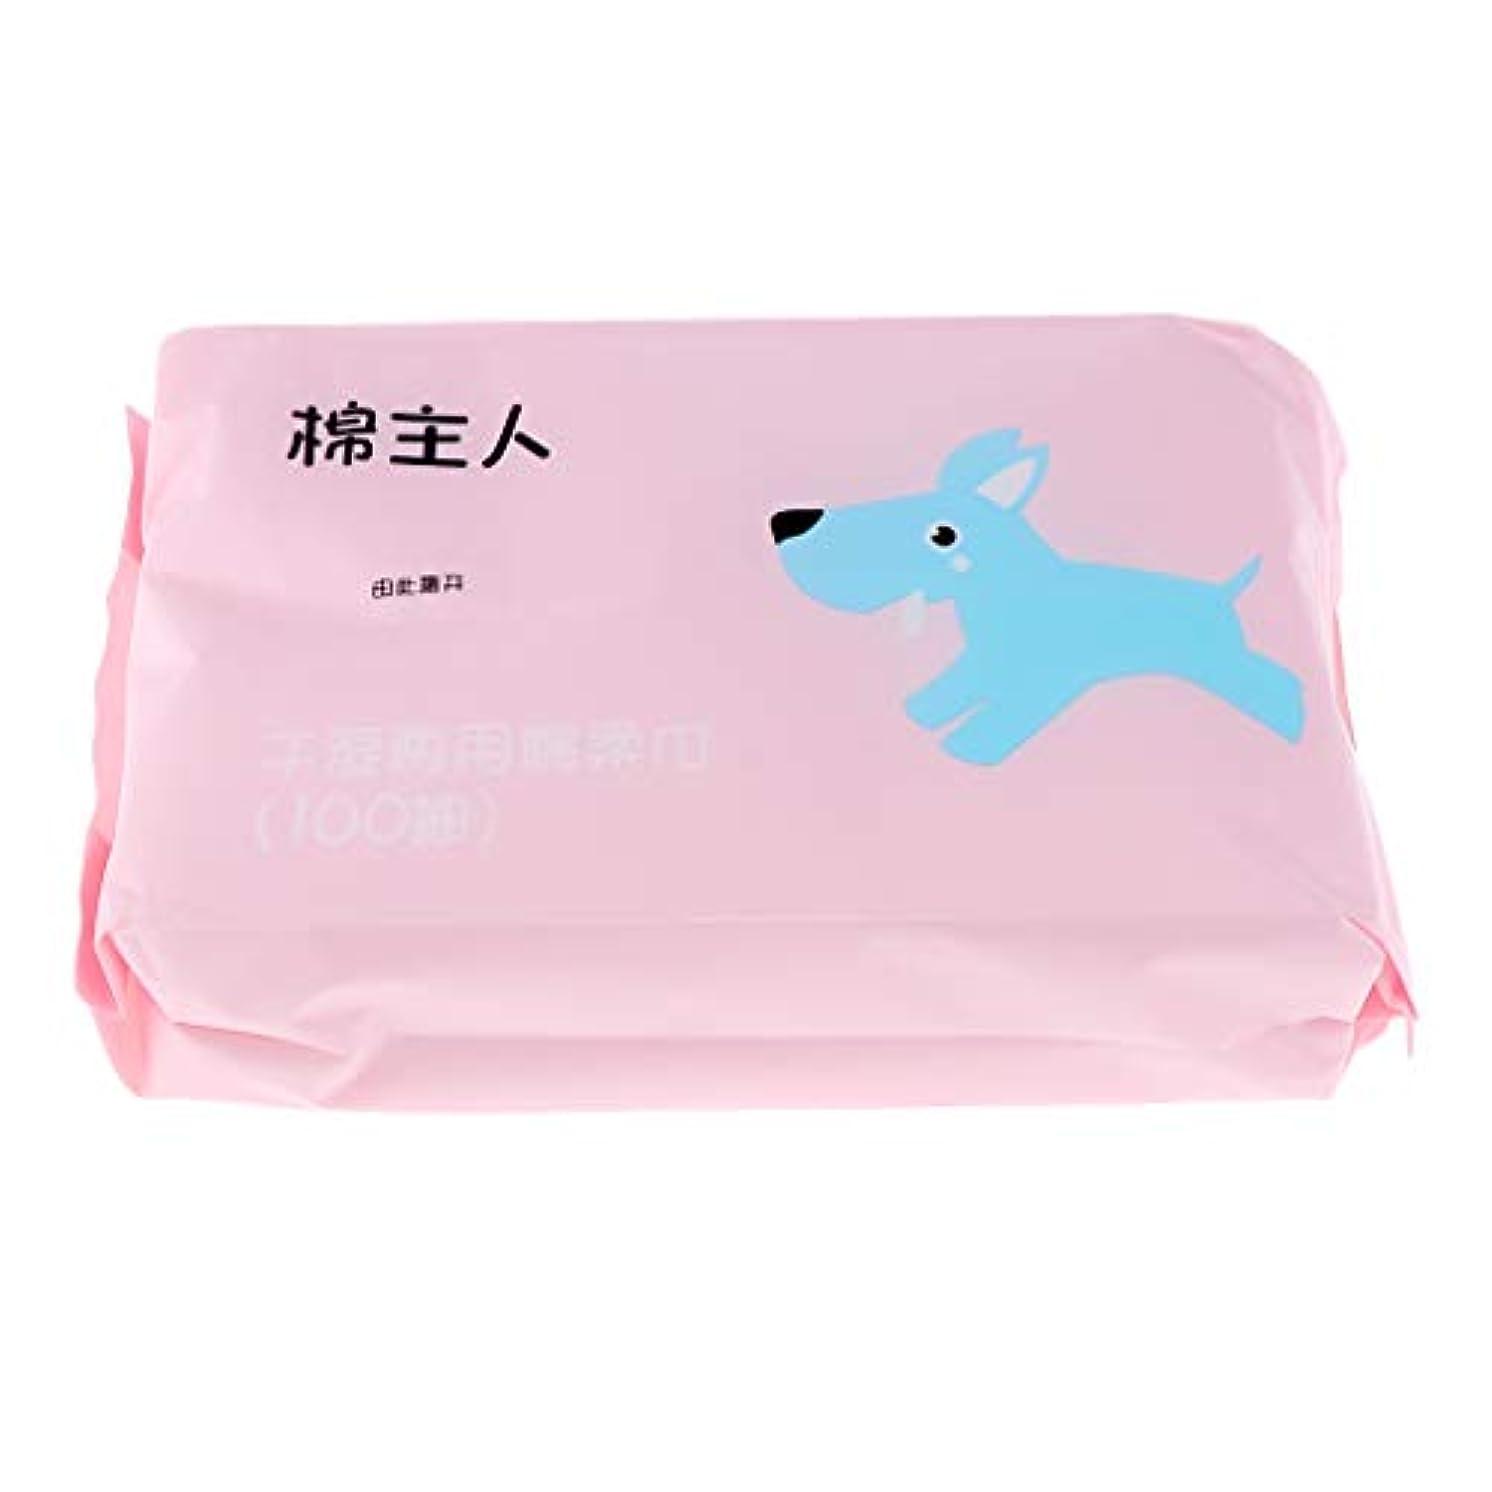 お客様スタウト記事F Fityle 約100枚 使い捨て フェイシャルタオル クリーニング フェイスタオル 化粧品 ソフト 2色選べ - ピンク